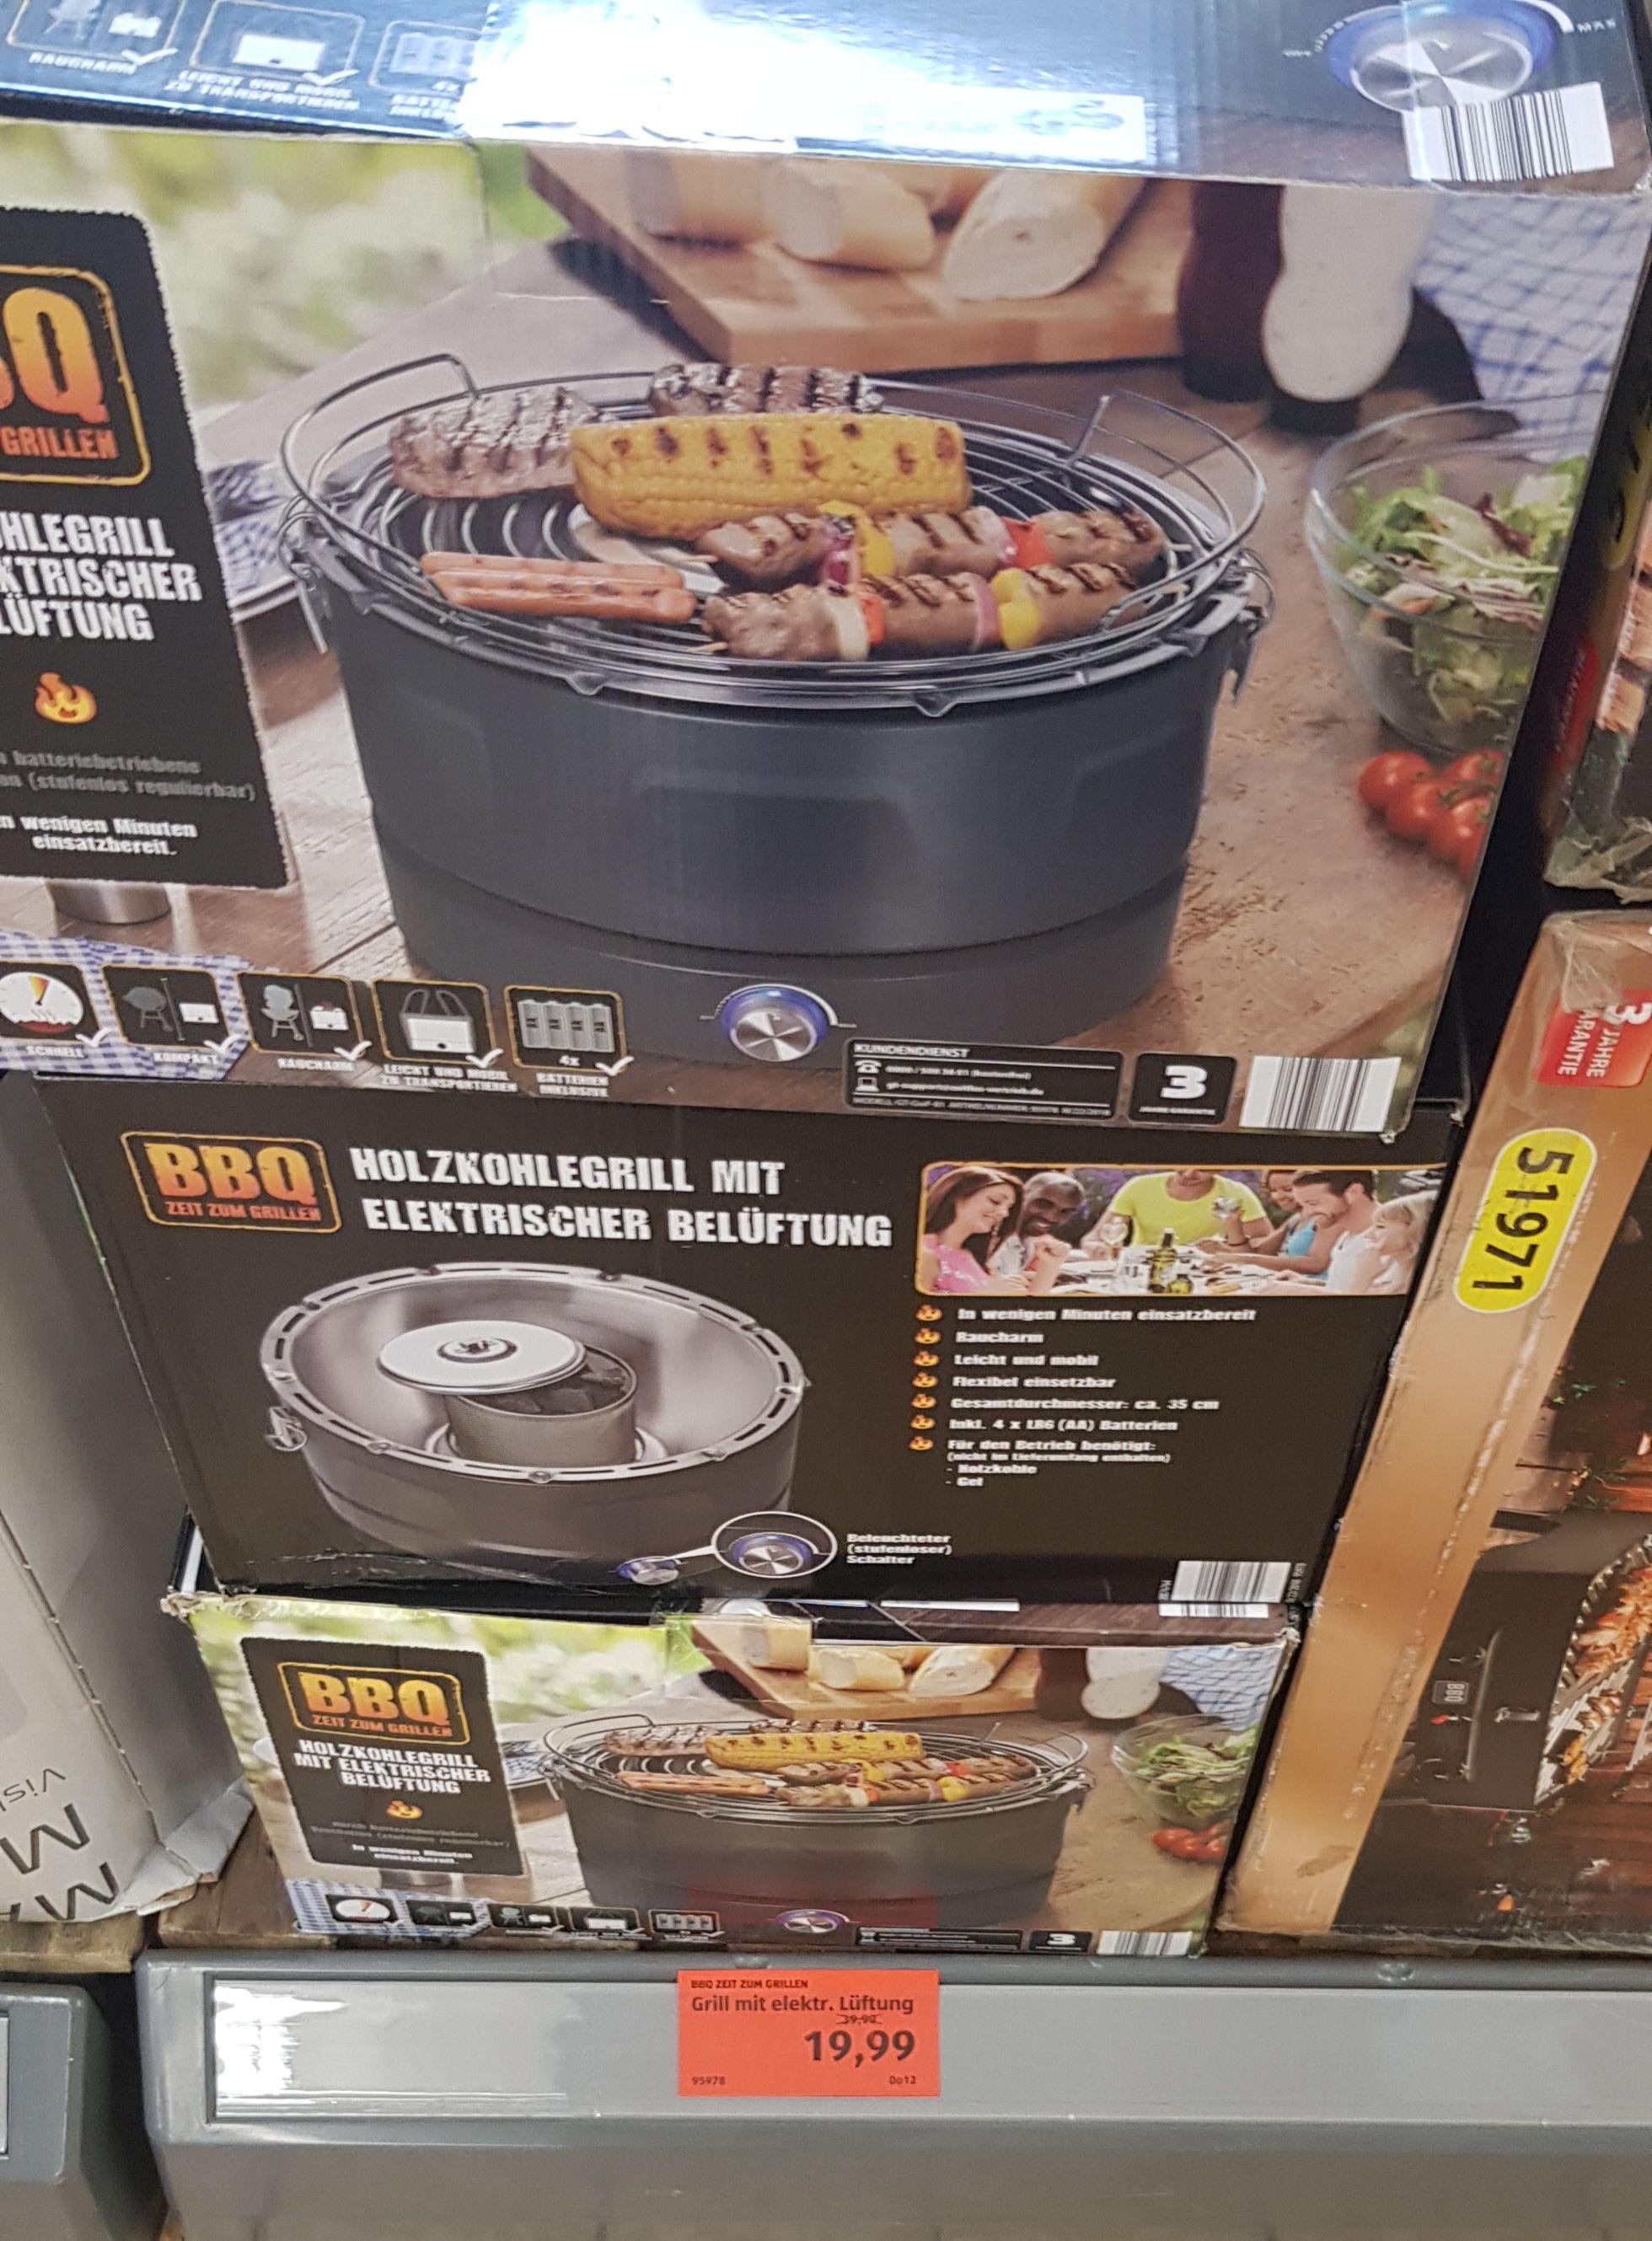 [Aldi Süd Saarbrücken] BBQ Holzkohle Grill mit elektrischer Belüftung für 19,99€